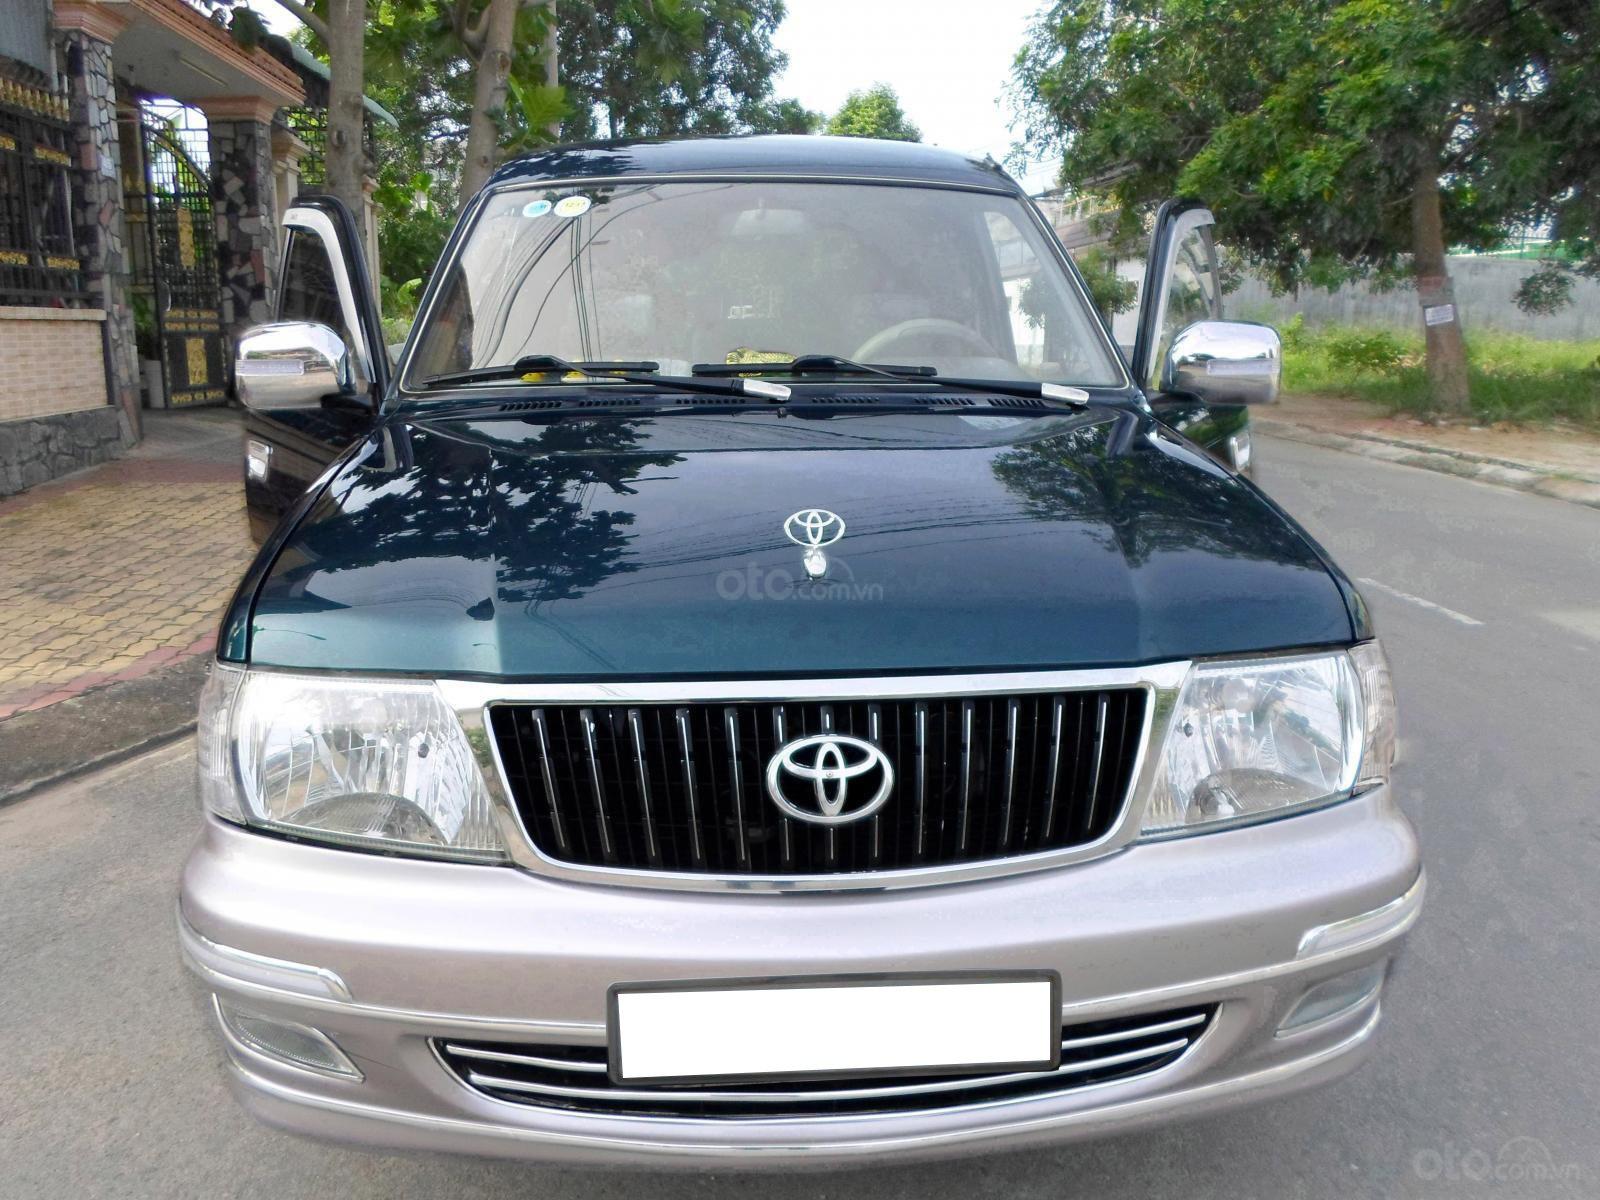 Thiết kế đầu xe Toyota Zace 2005 1